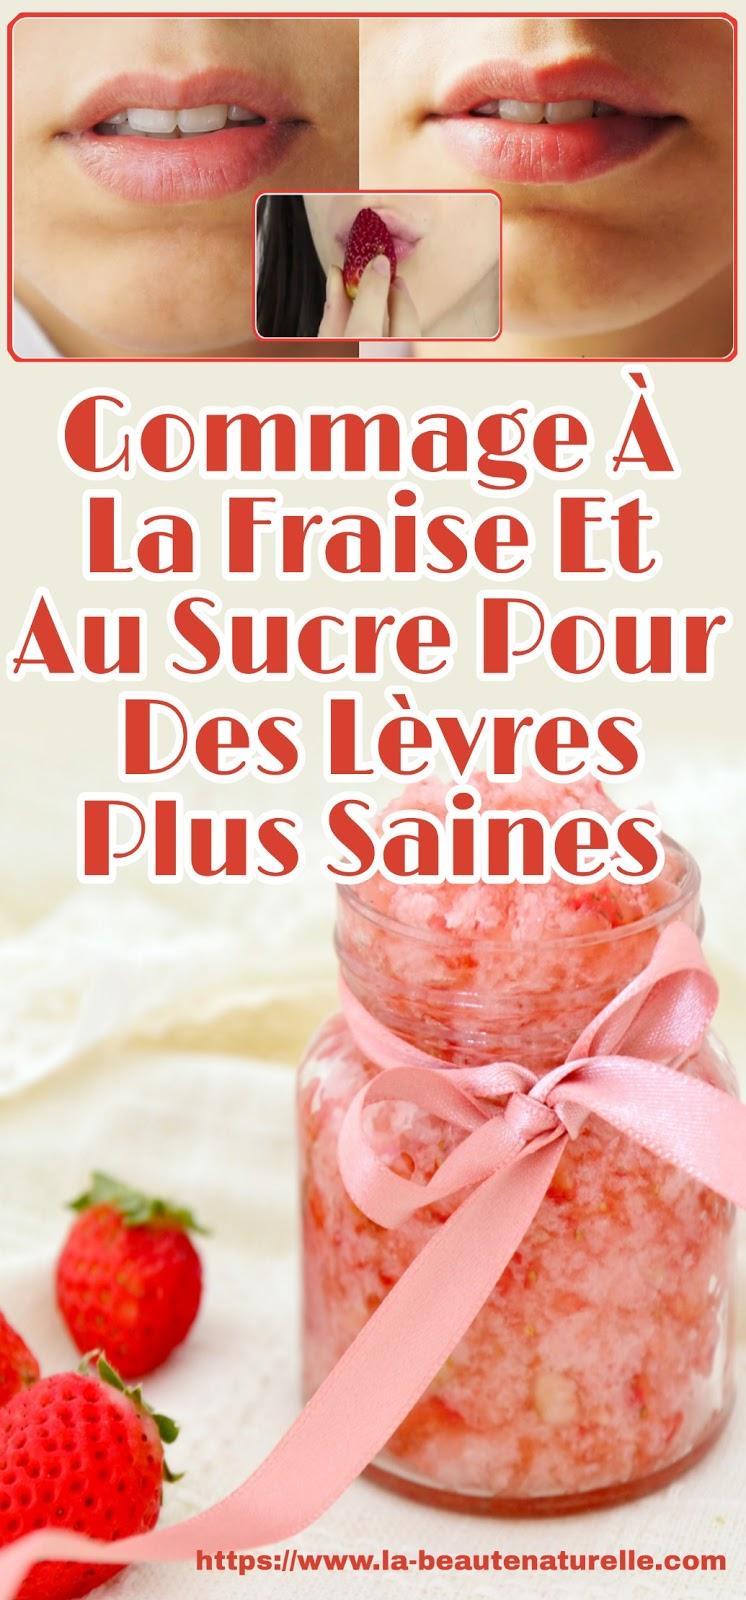 Gommage À La Fraise Et Au Sucre Pour Des Lèvres Plus Saines